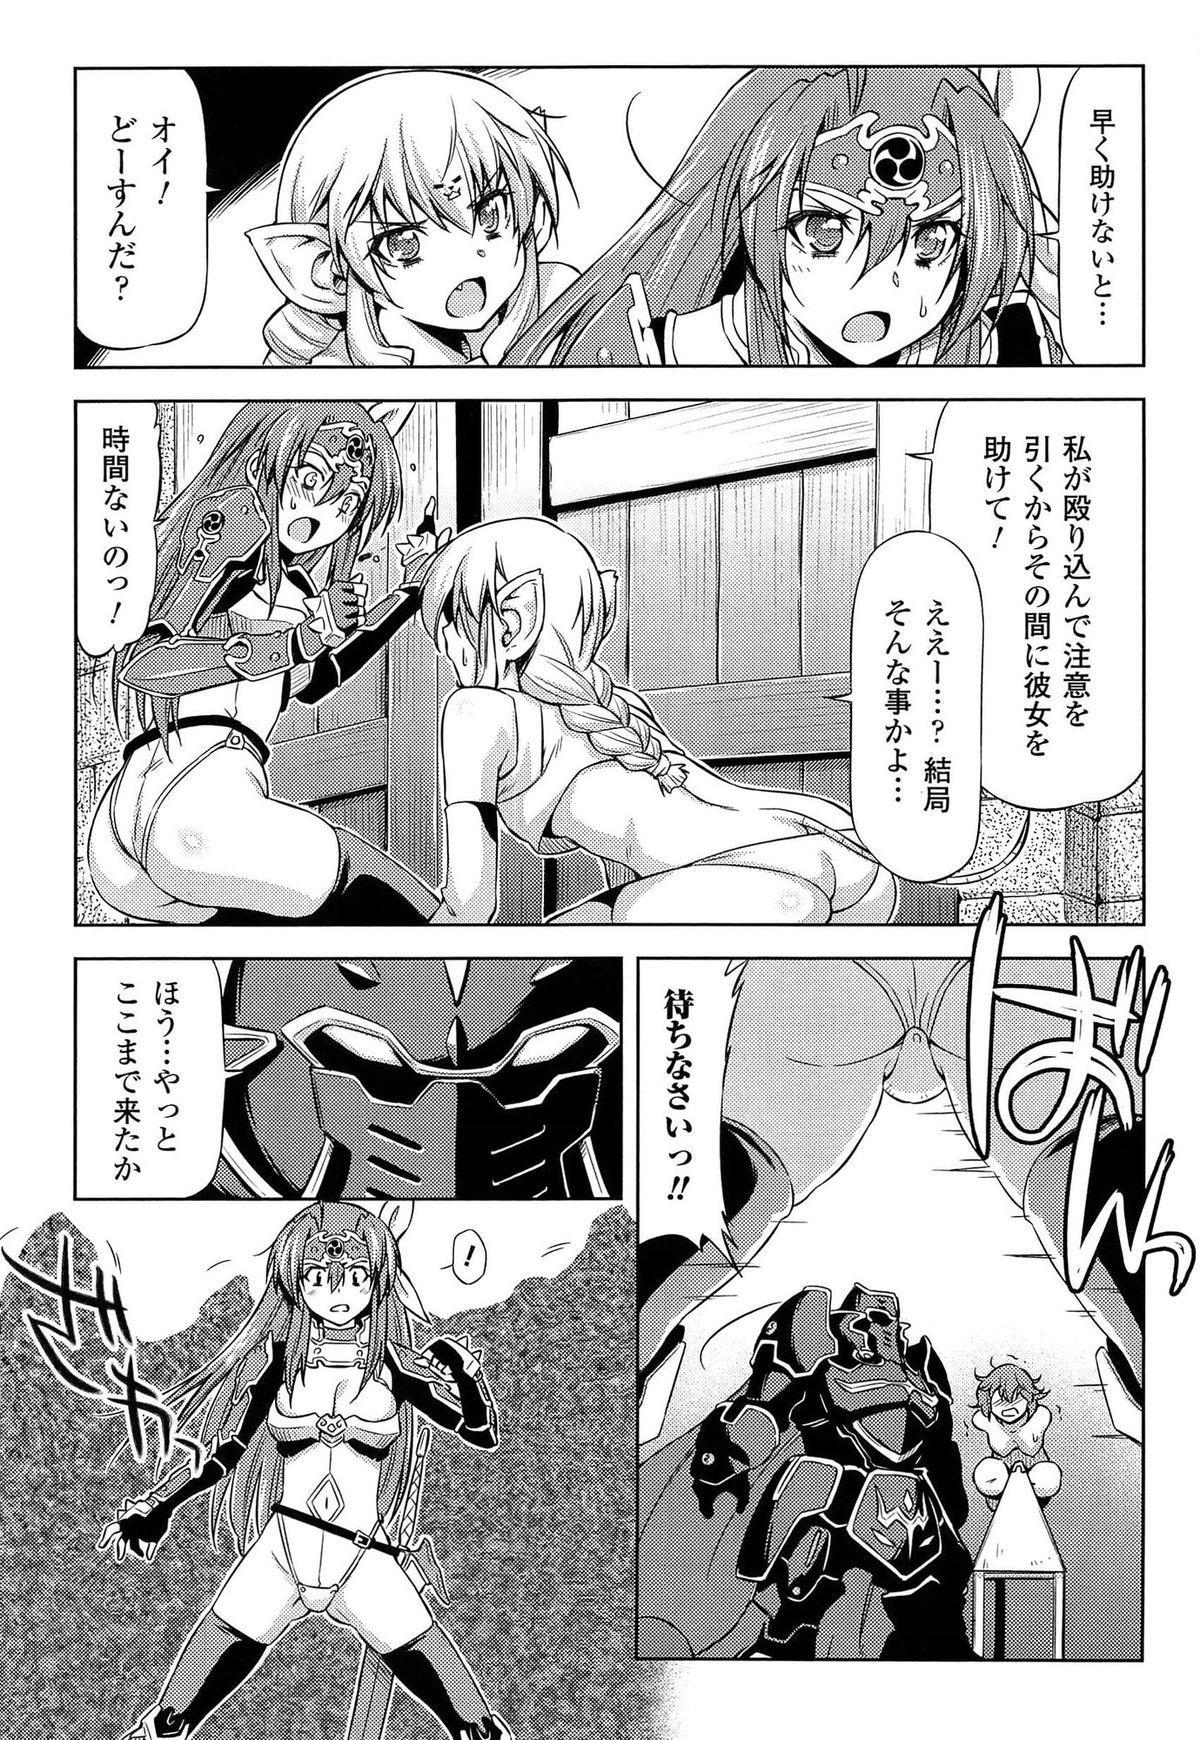 [kazuma muramasa, ZyX] Ikazuchi no Senshi Raidy ~Haja no Raikou~ THE COMIC 166